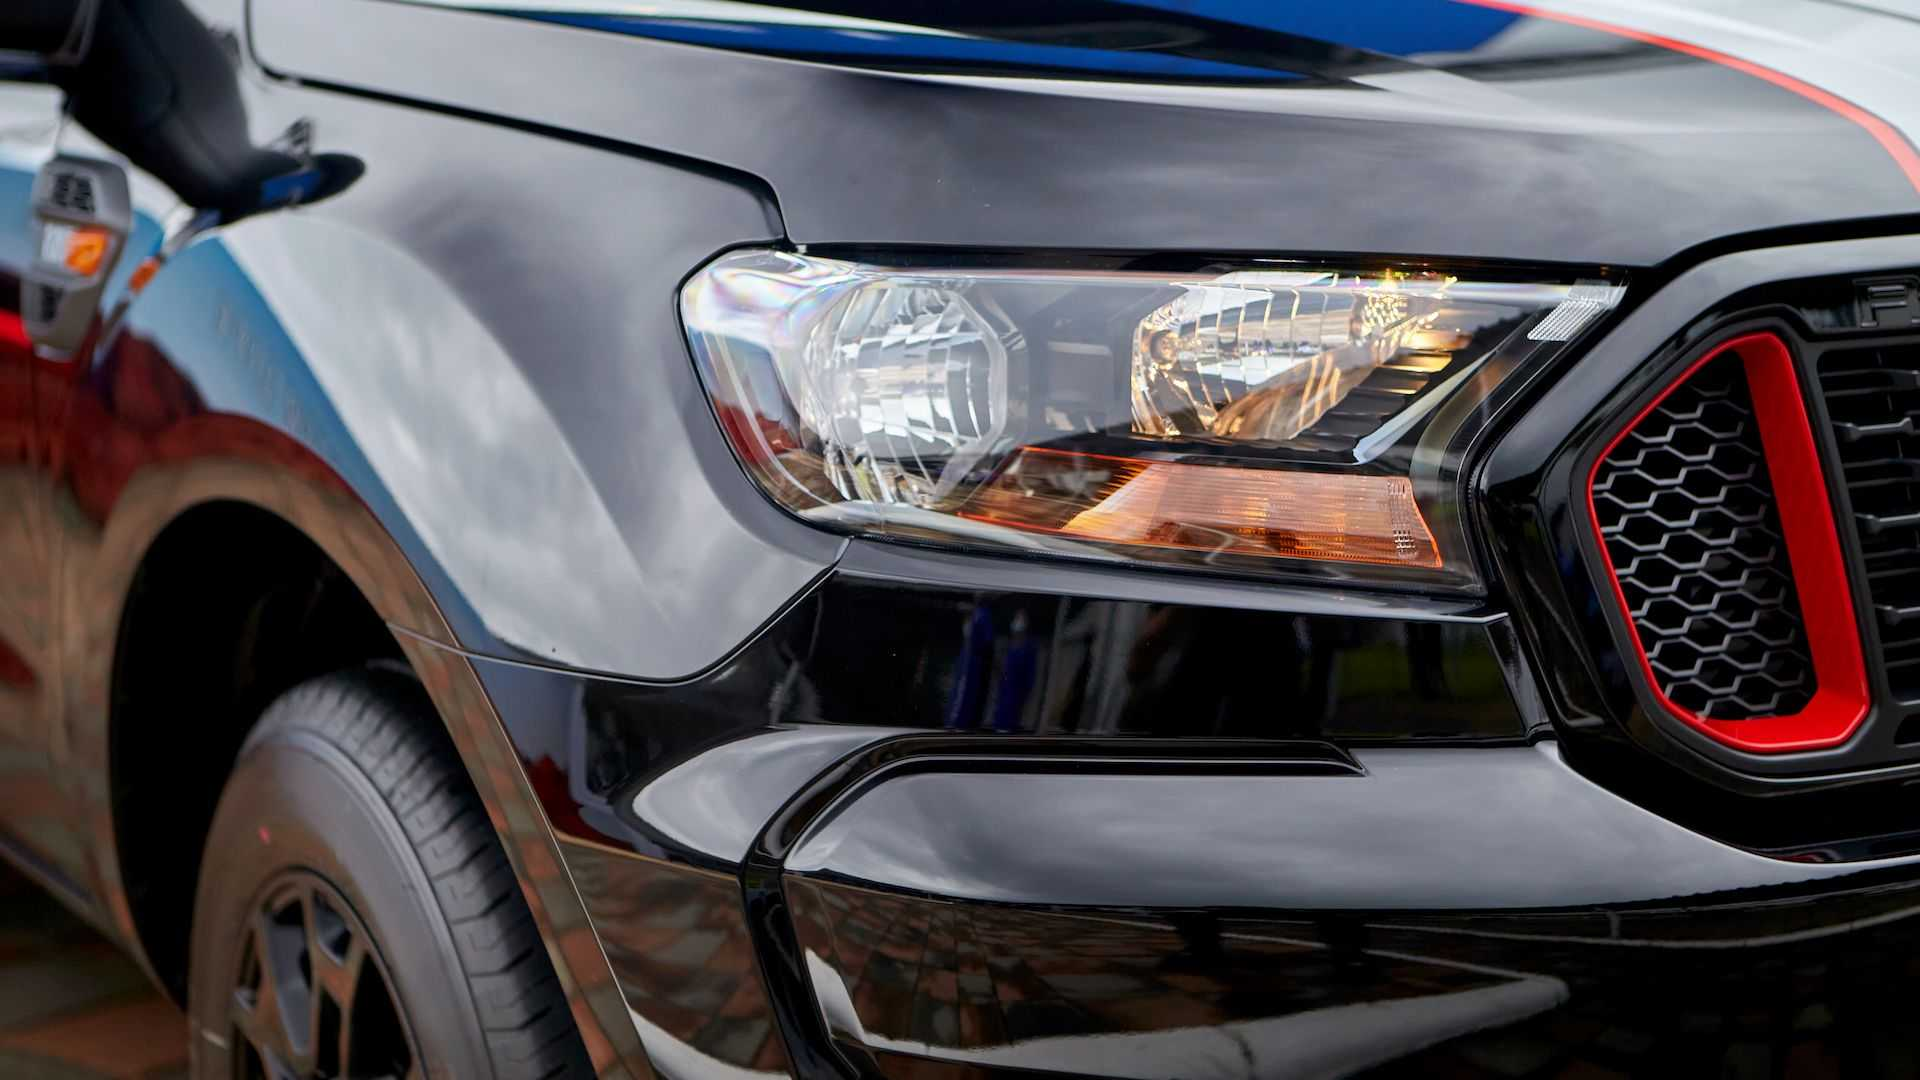 ford-ranger-t6-facelift-thailand-12